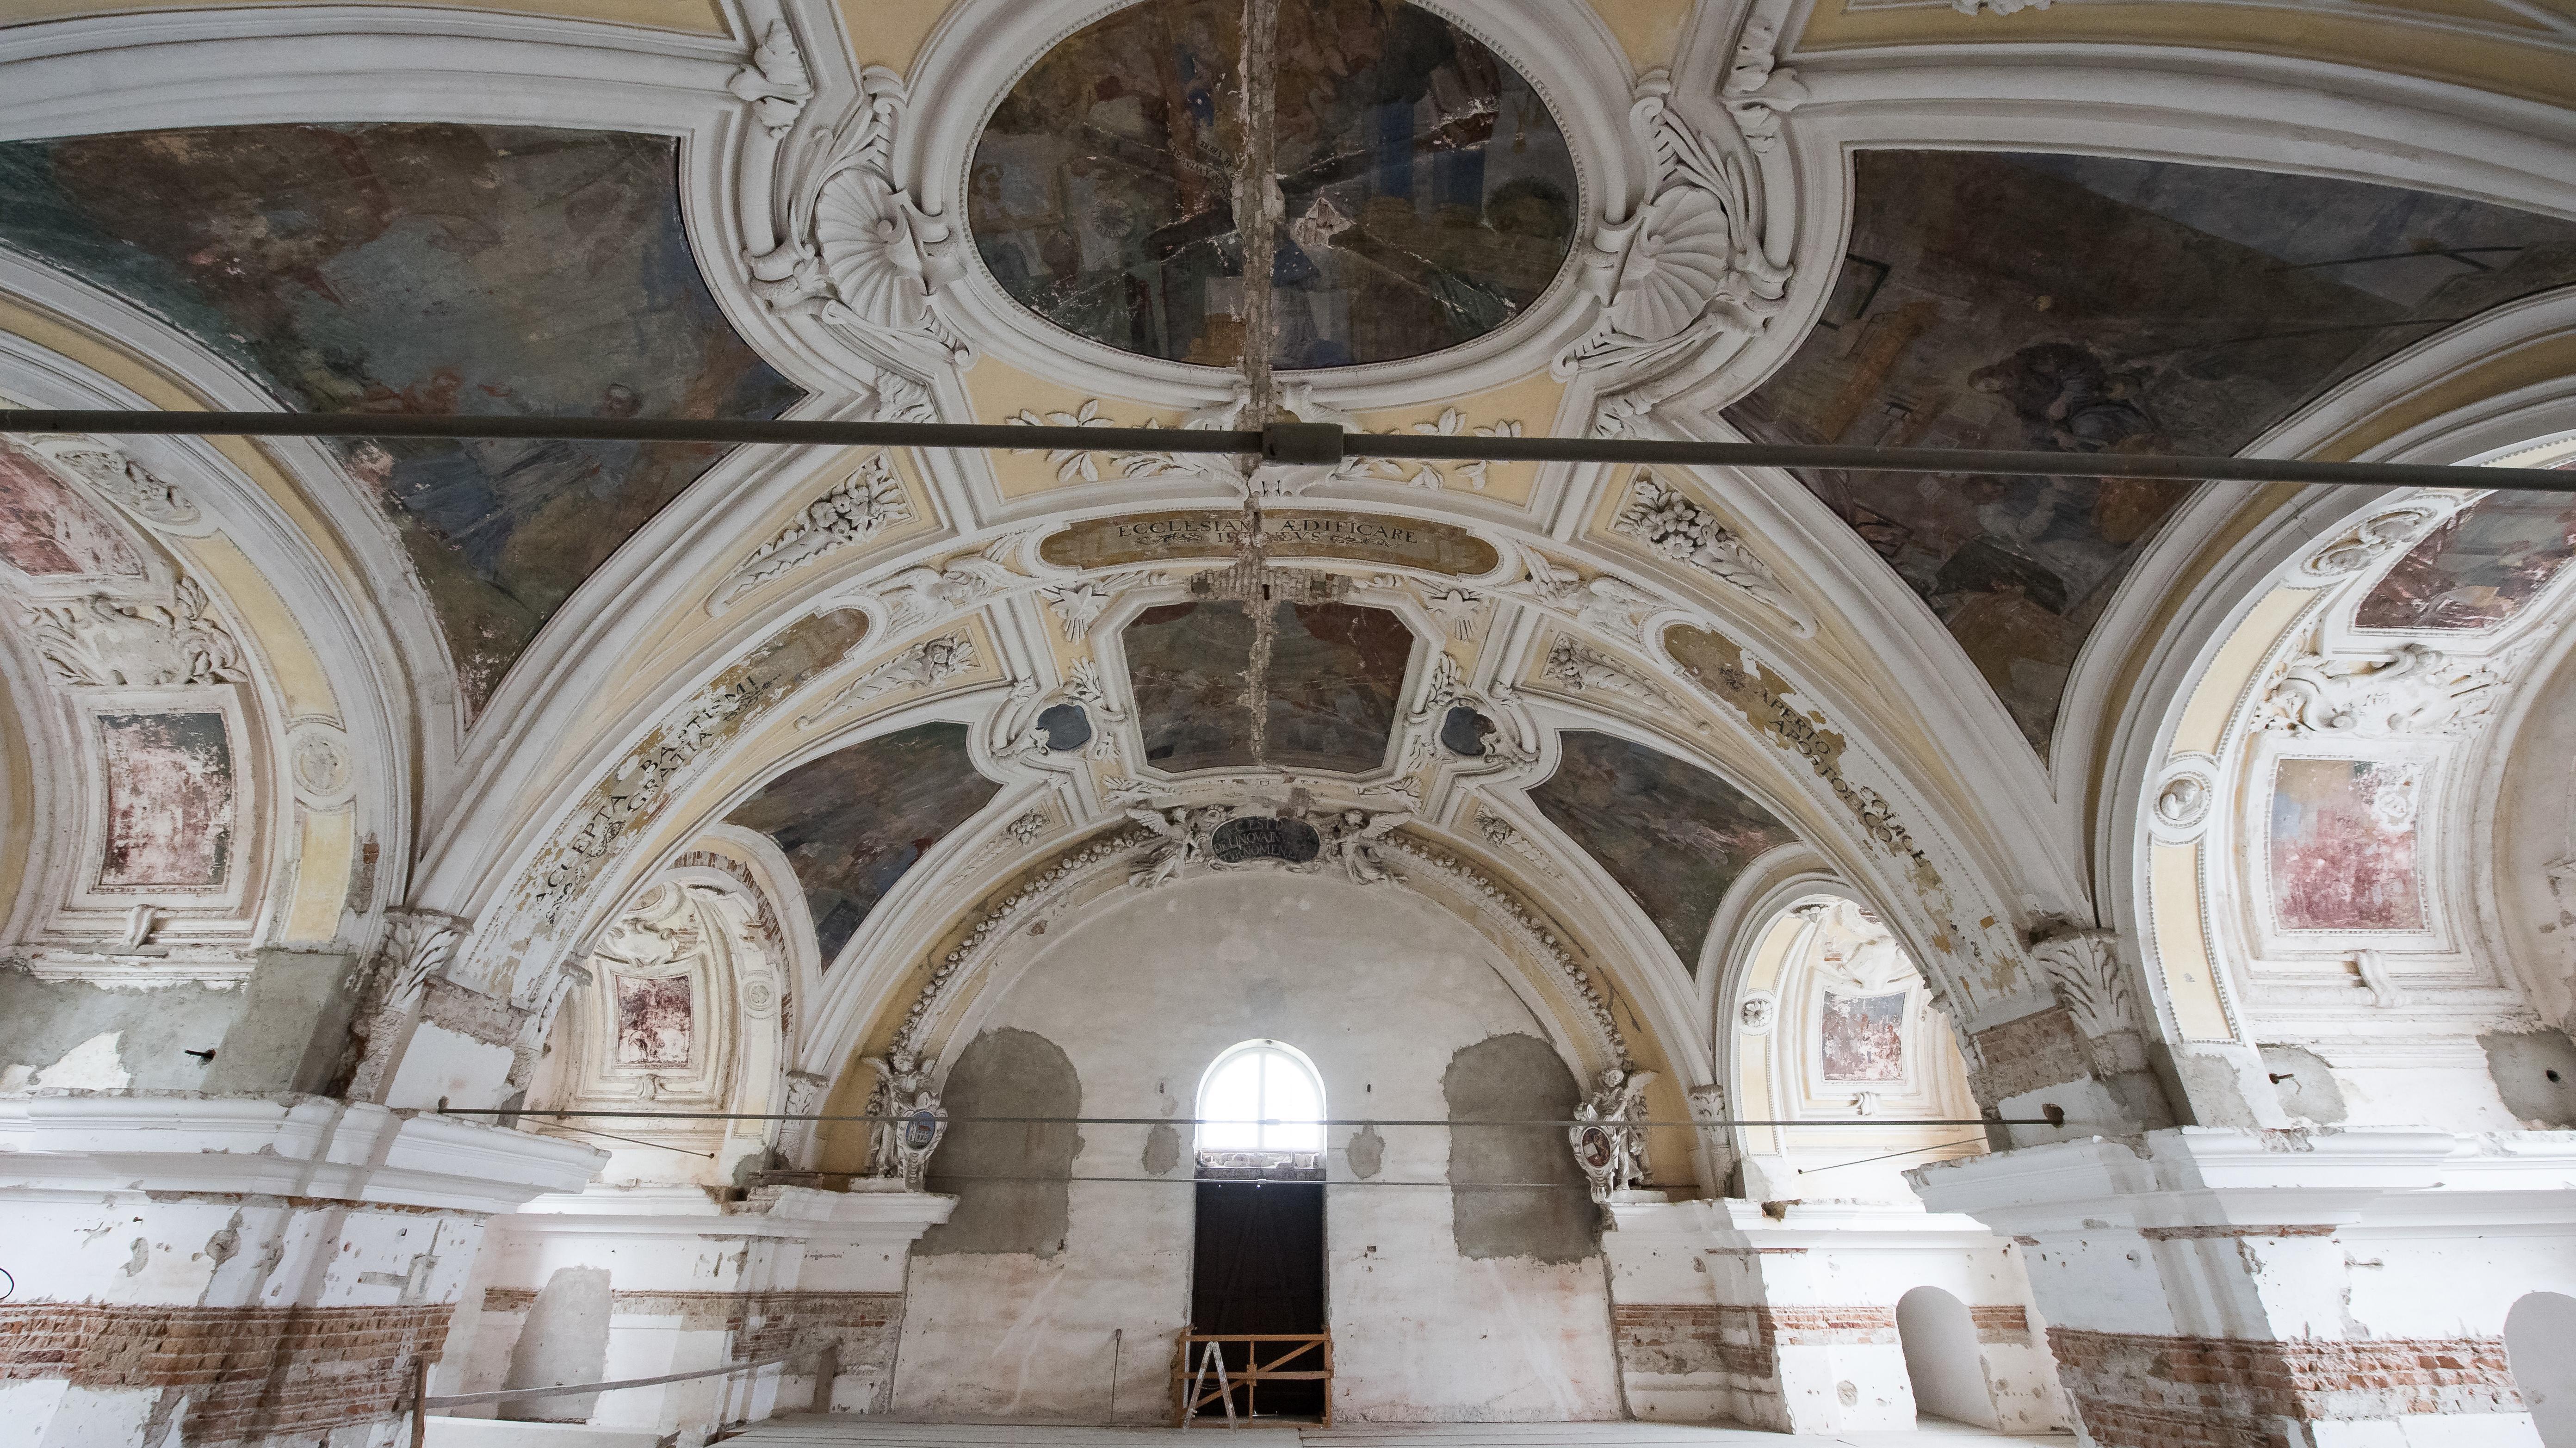 Das teilweise defekte Deckengemälde des nicht öffentlich zugänglichen Domgewölbes des Inseldoms auf der Insel Herrenchiemsee.